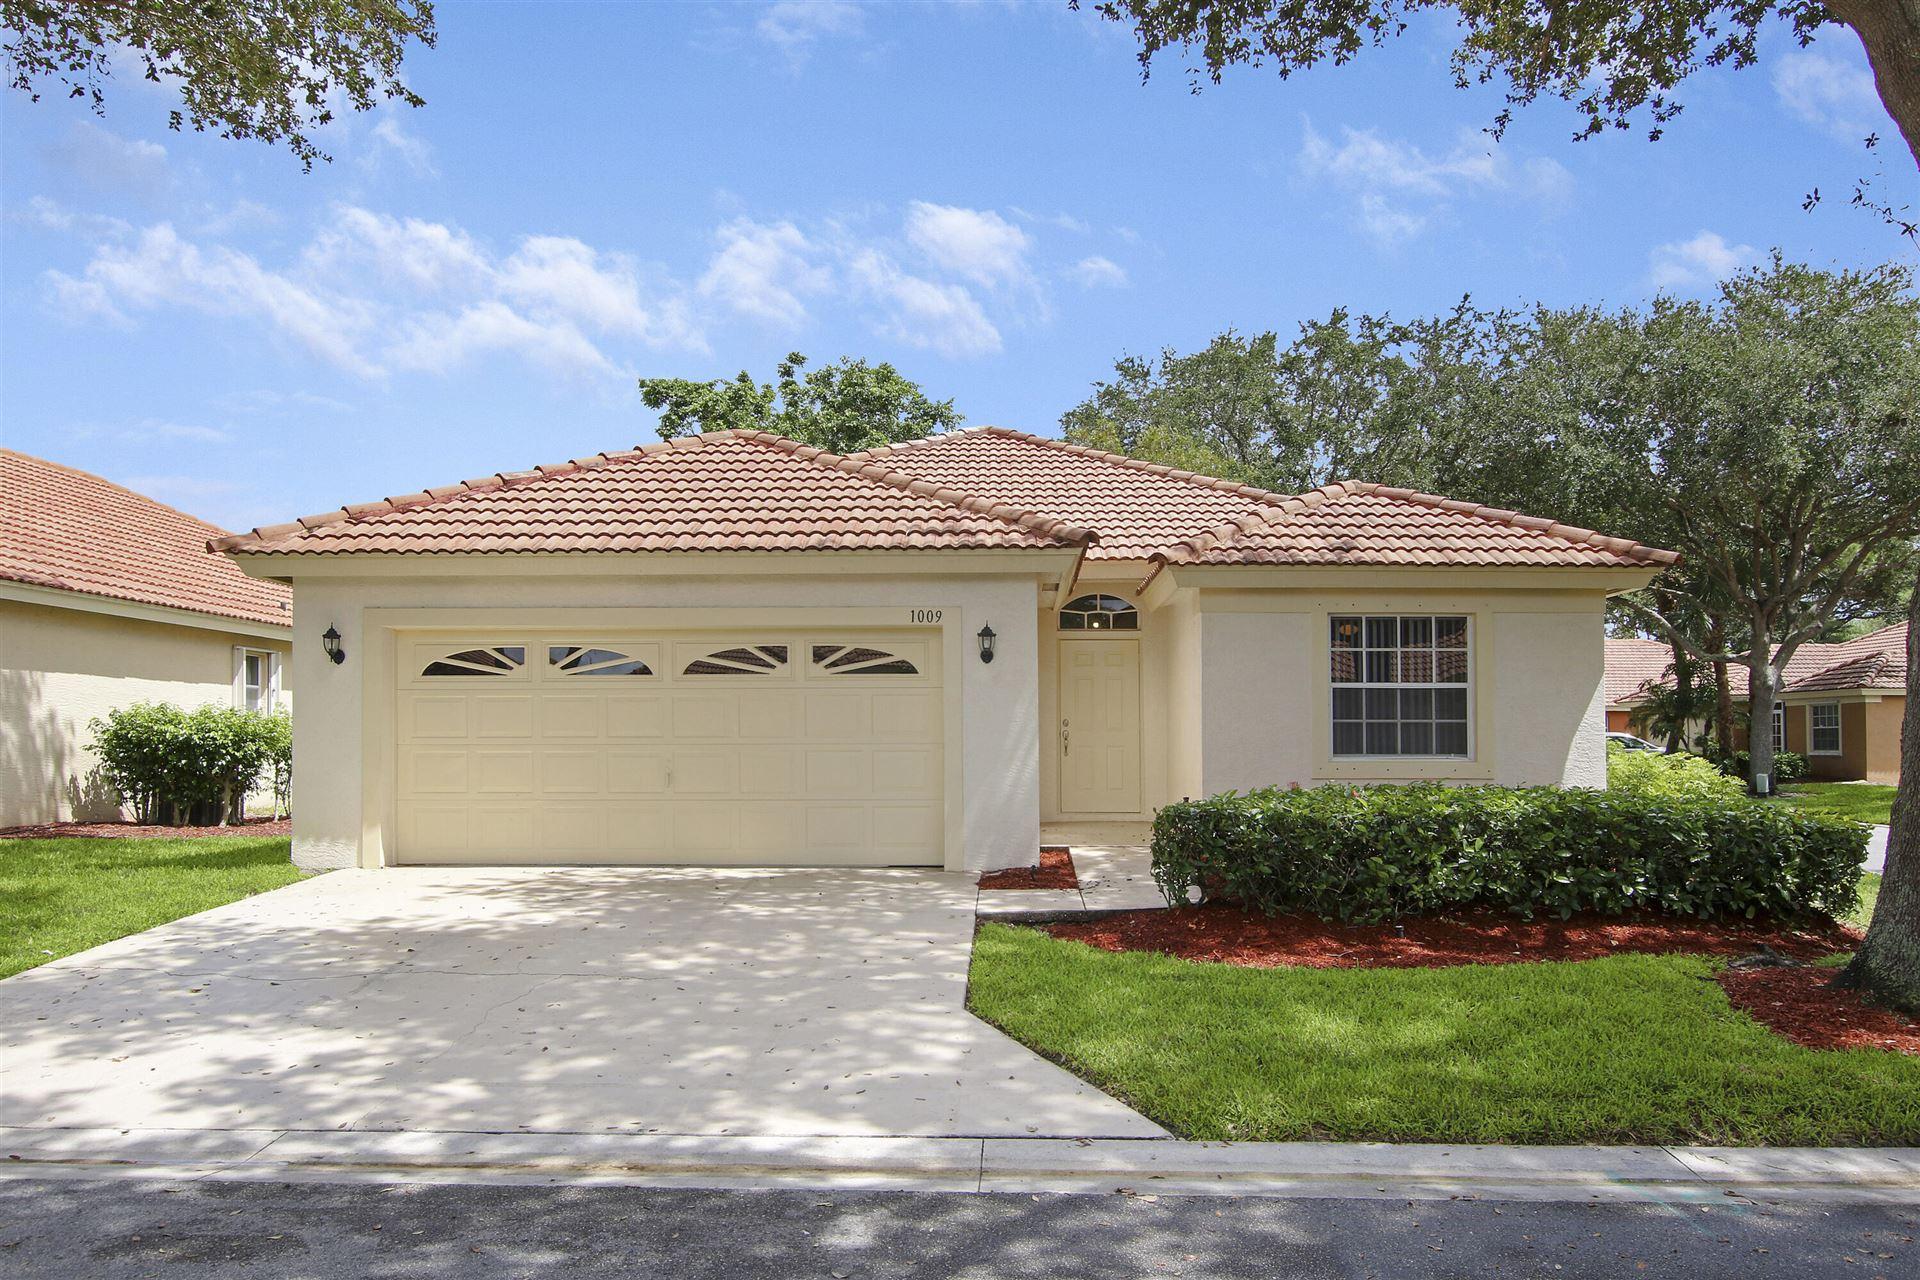 Photo of 1009 Aspri Way, Riviera Beach, FL 33418 (MLS # RX-10746339)